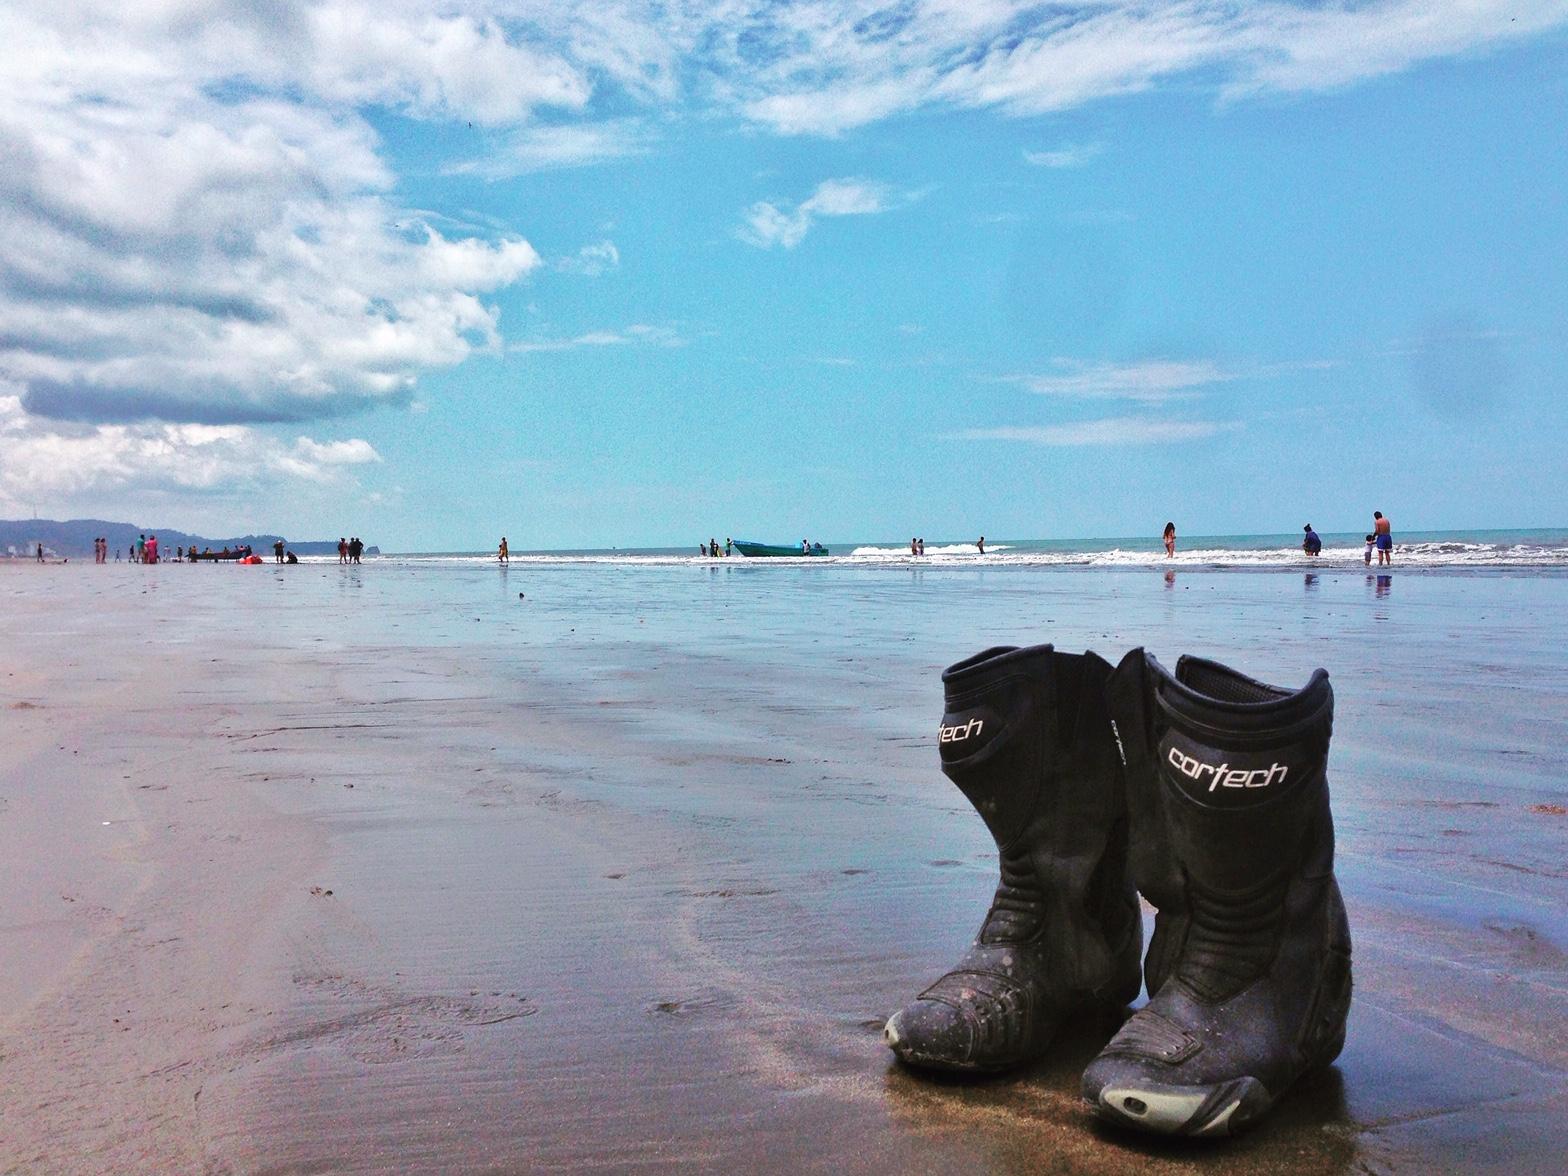 Ir a la playa en moto rs77 ropa motociclistas